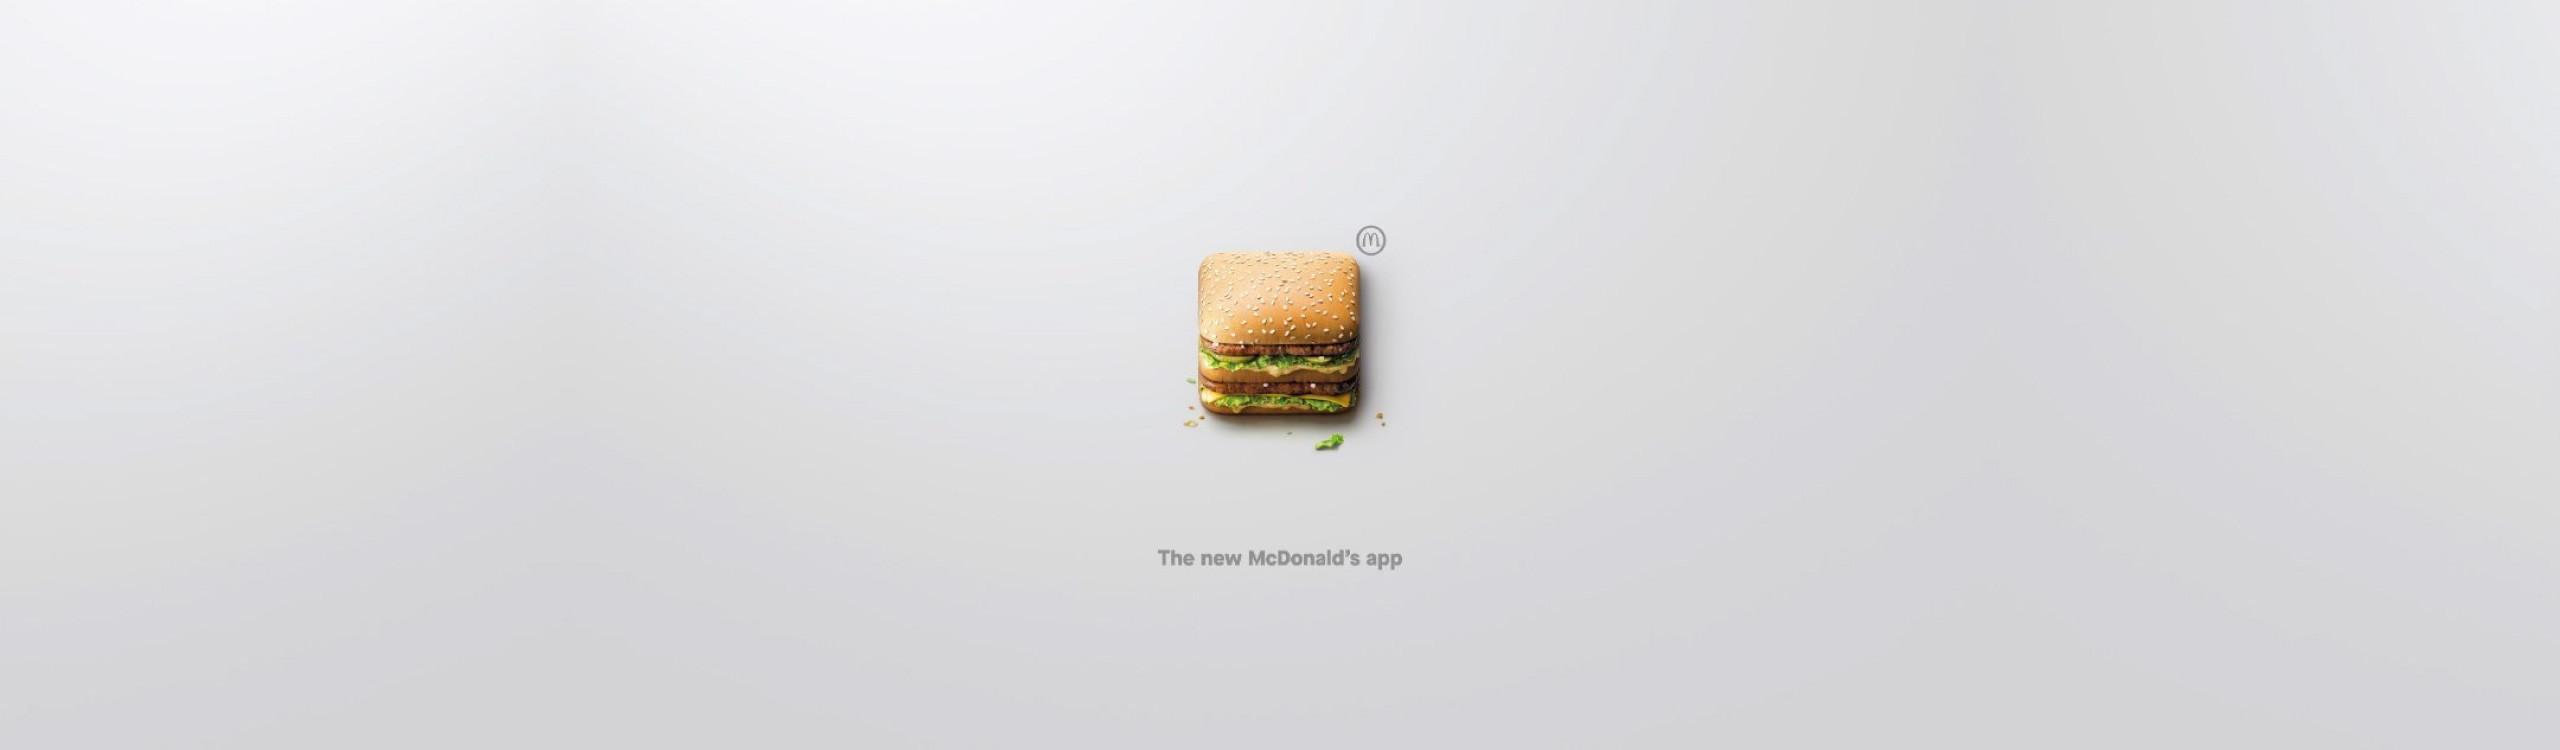 mcdonald's-nueva-app-mis-gafas-de-pasta-destacado